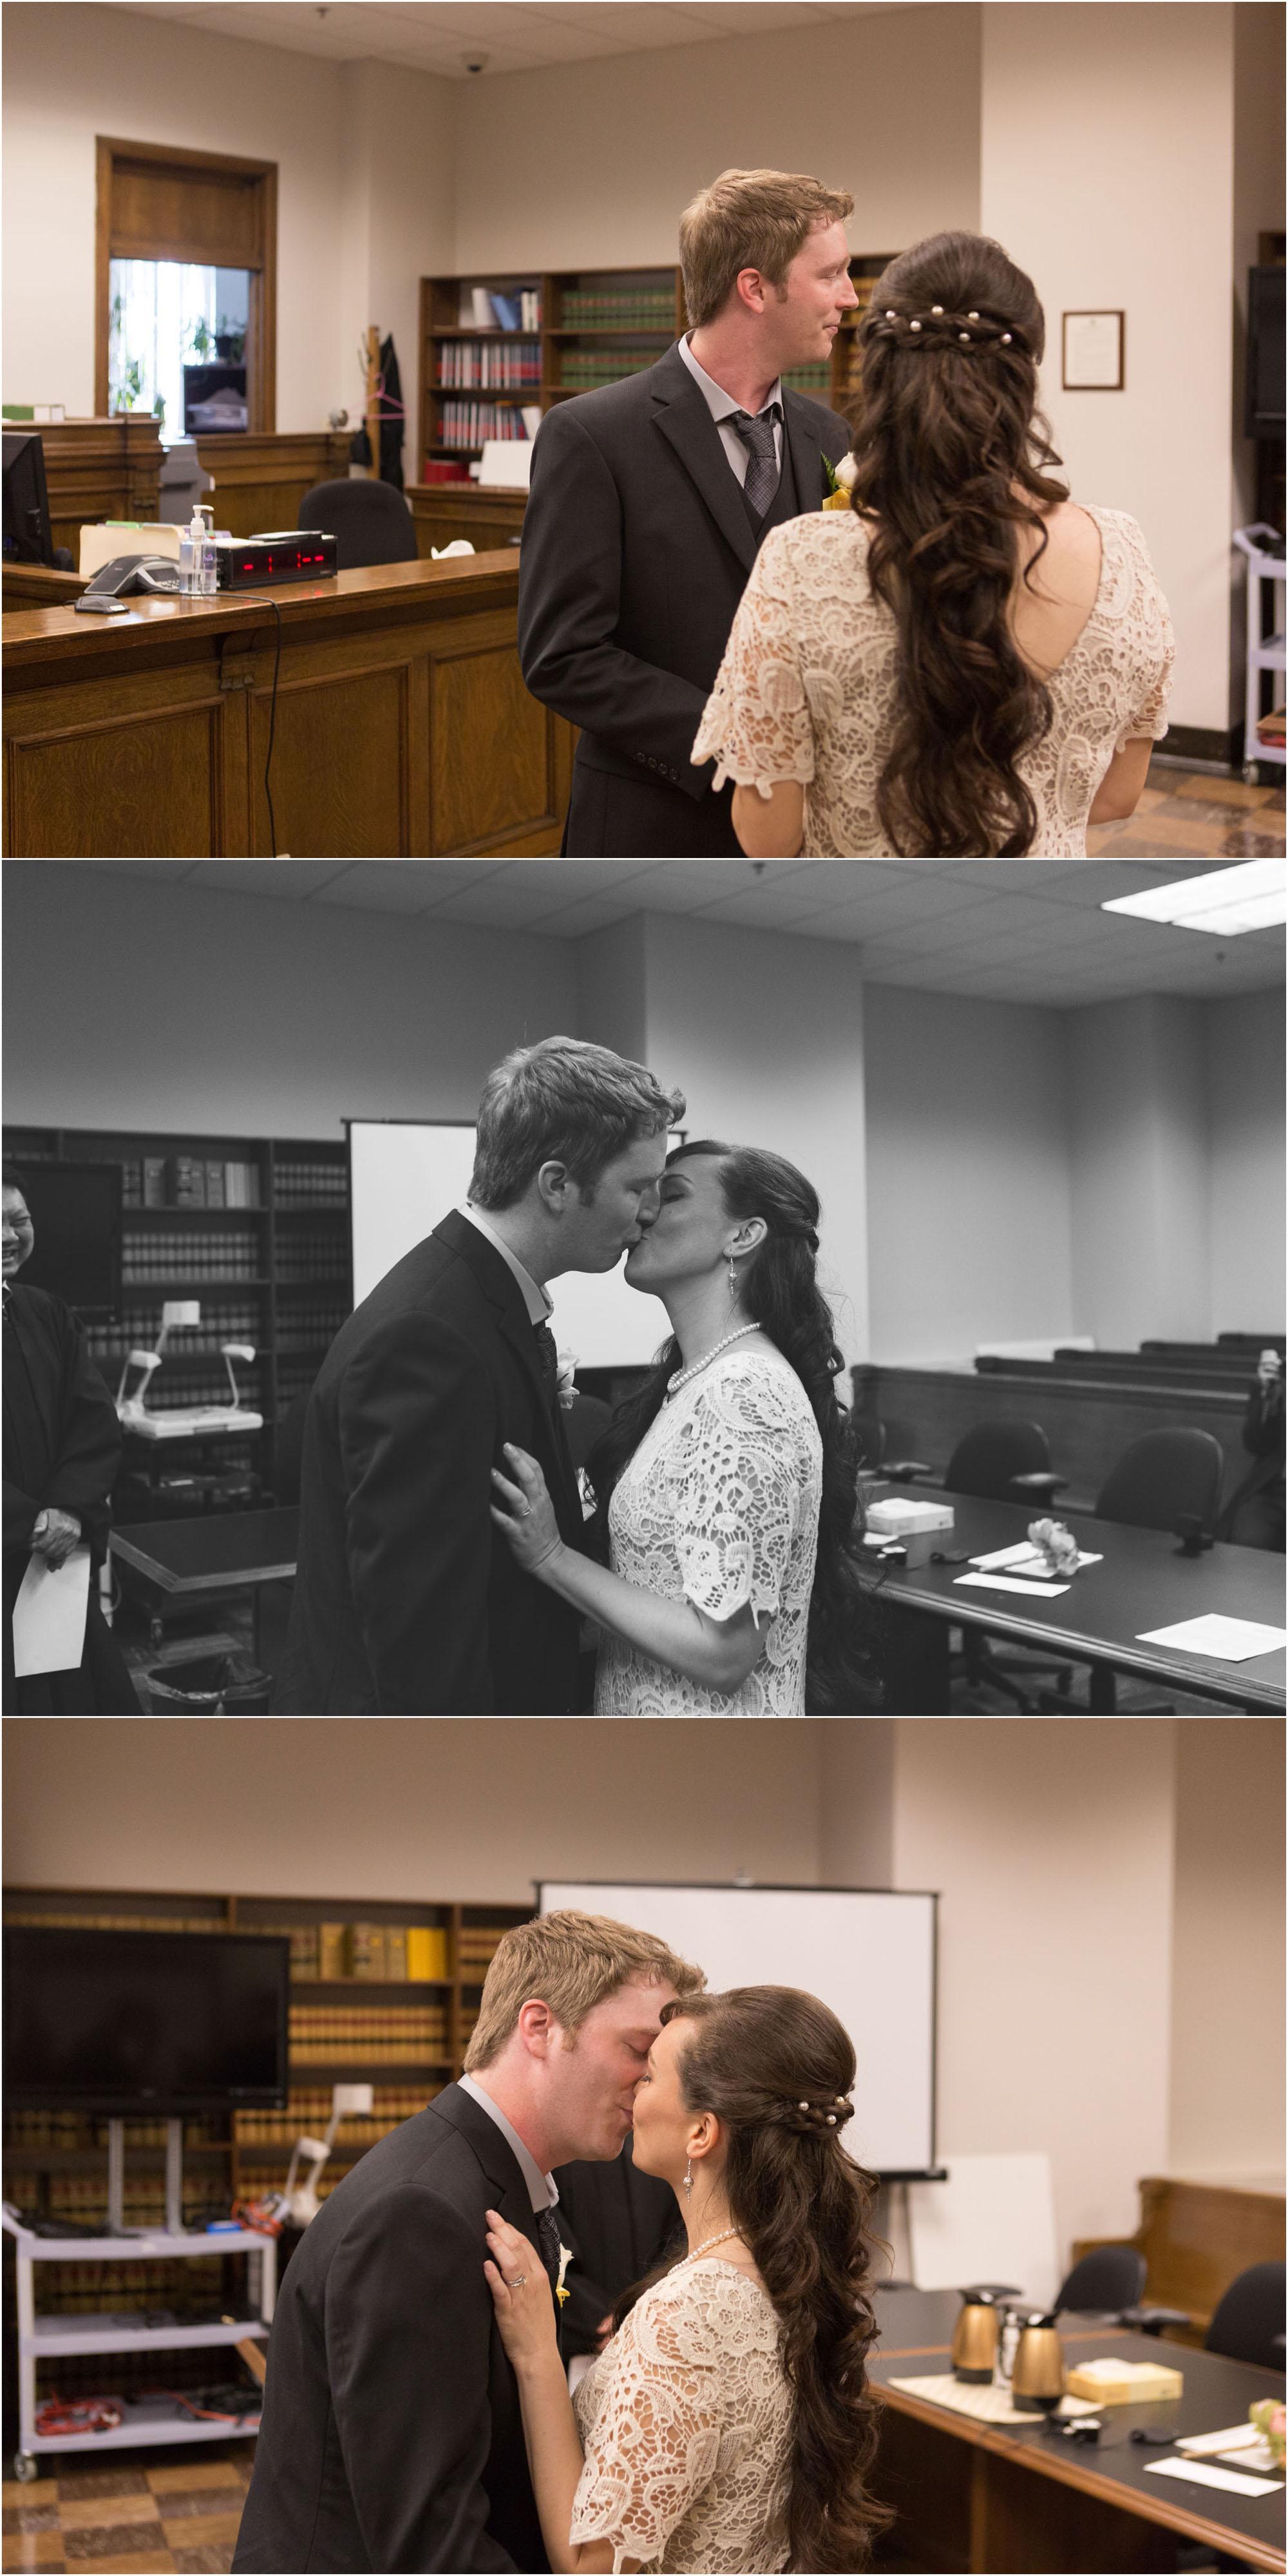 ashley vos photography seattle area wedding photographer courthouse wedding court house wedding seattle washington_0007.jpg